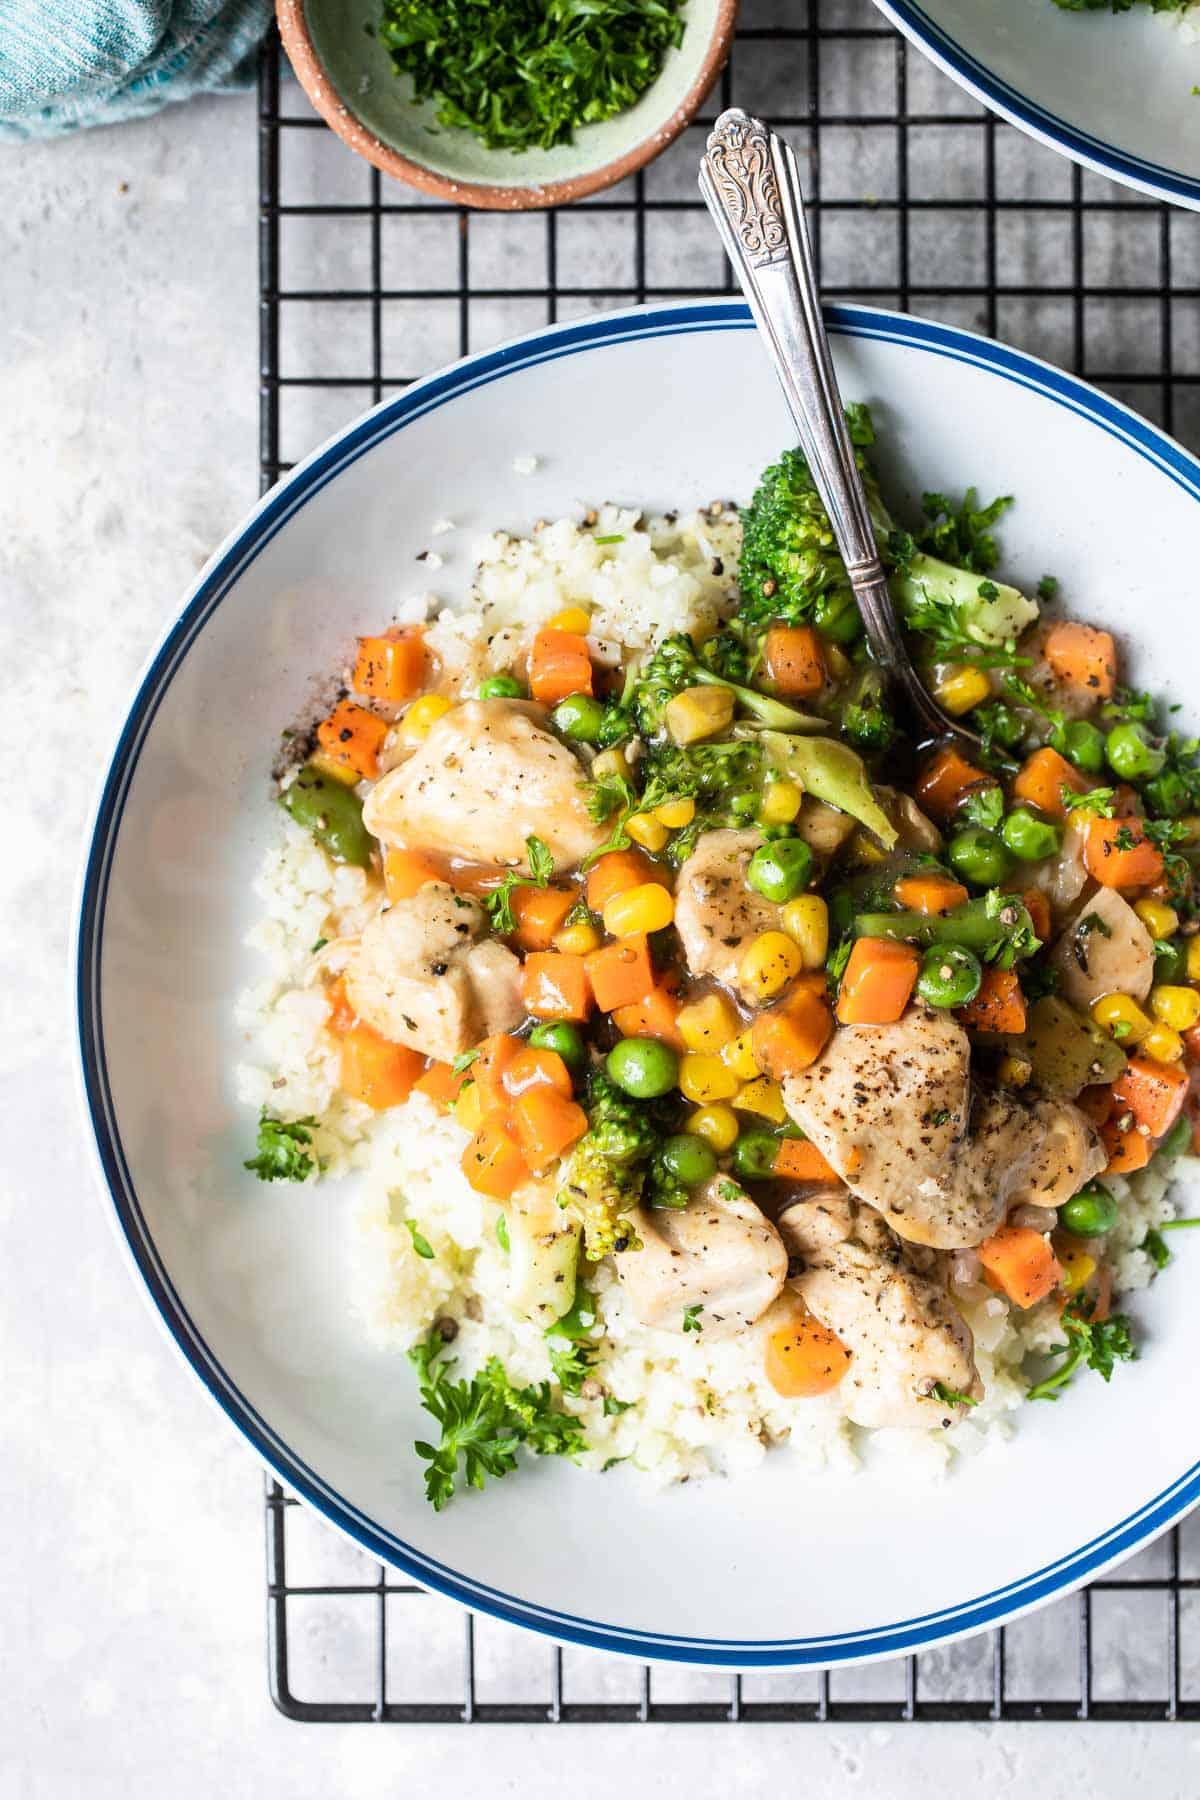 chicken pot pie in a bowl with cauliflower rice